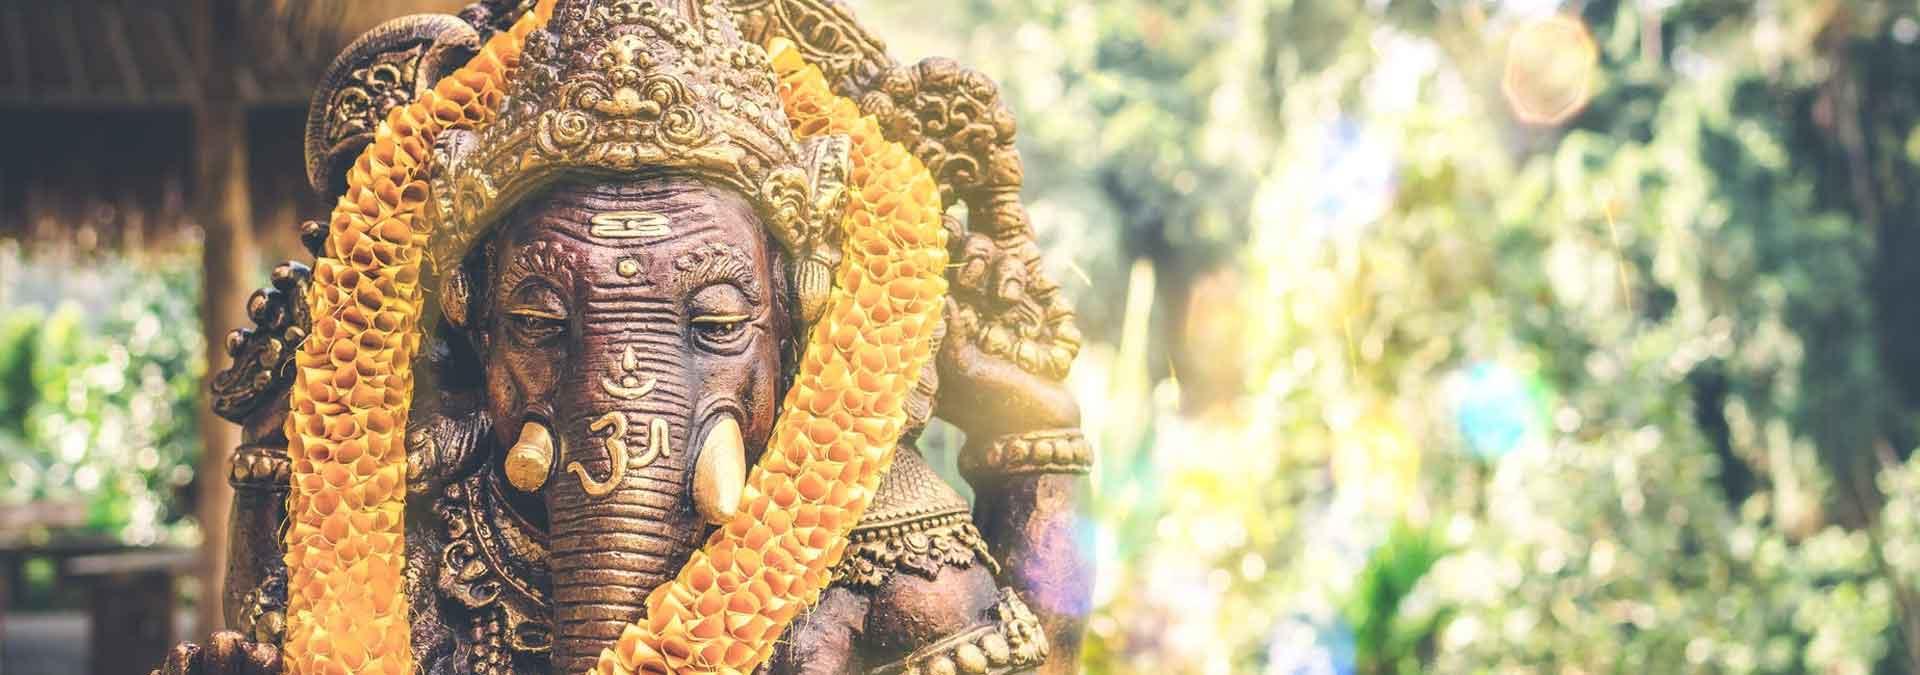 De mooiste wijsheden en spreuken uit India